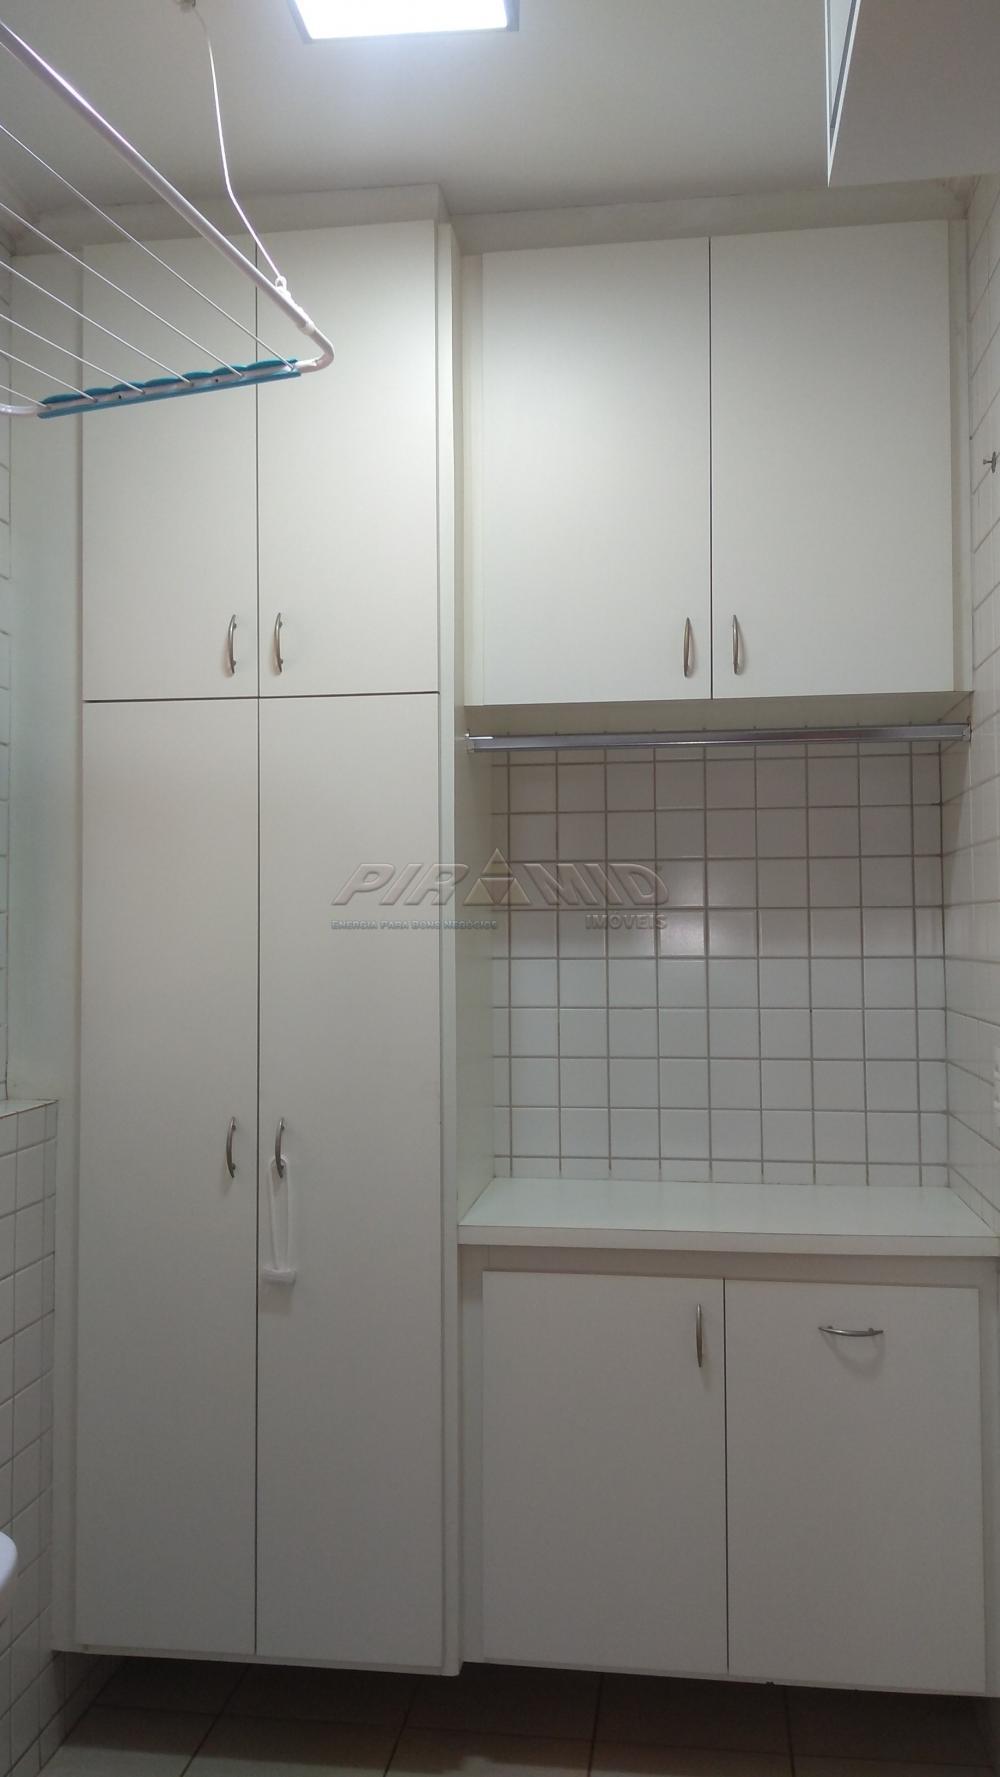 Alugar Apartamento / Padrão em Ribeirão Preto apenas R$ 2.400,00 - Foto 23